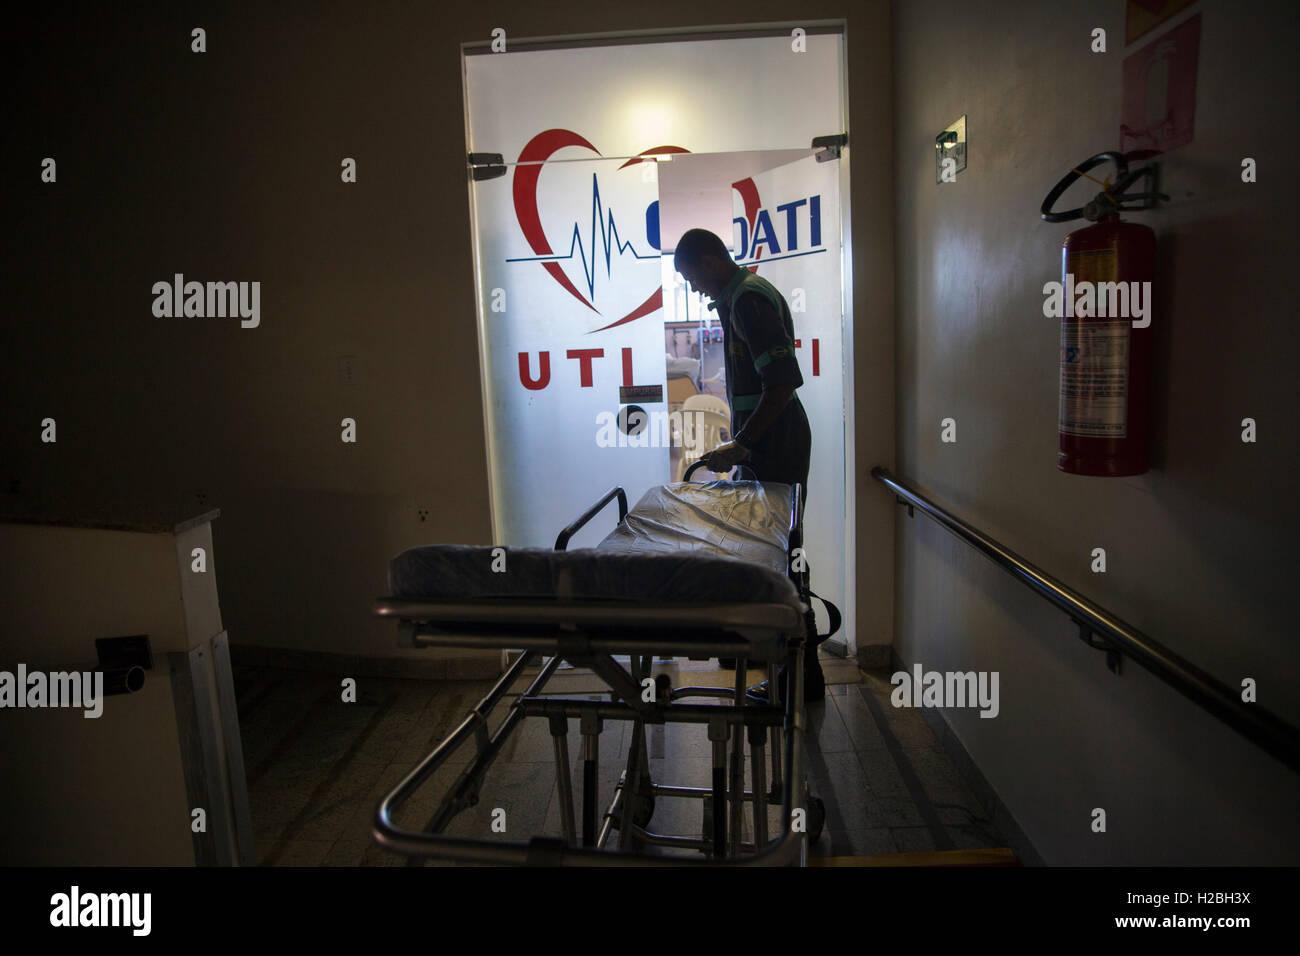 Eingang von einer Intensivstation (ICU), eine spezielle Abteilung eines Krankenhauses oder einer medizinischen Einrichtung, Stockbild